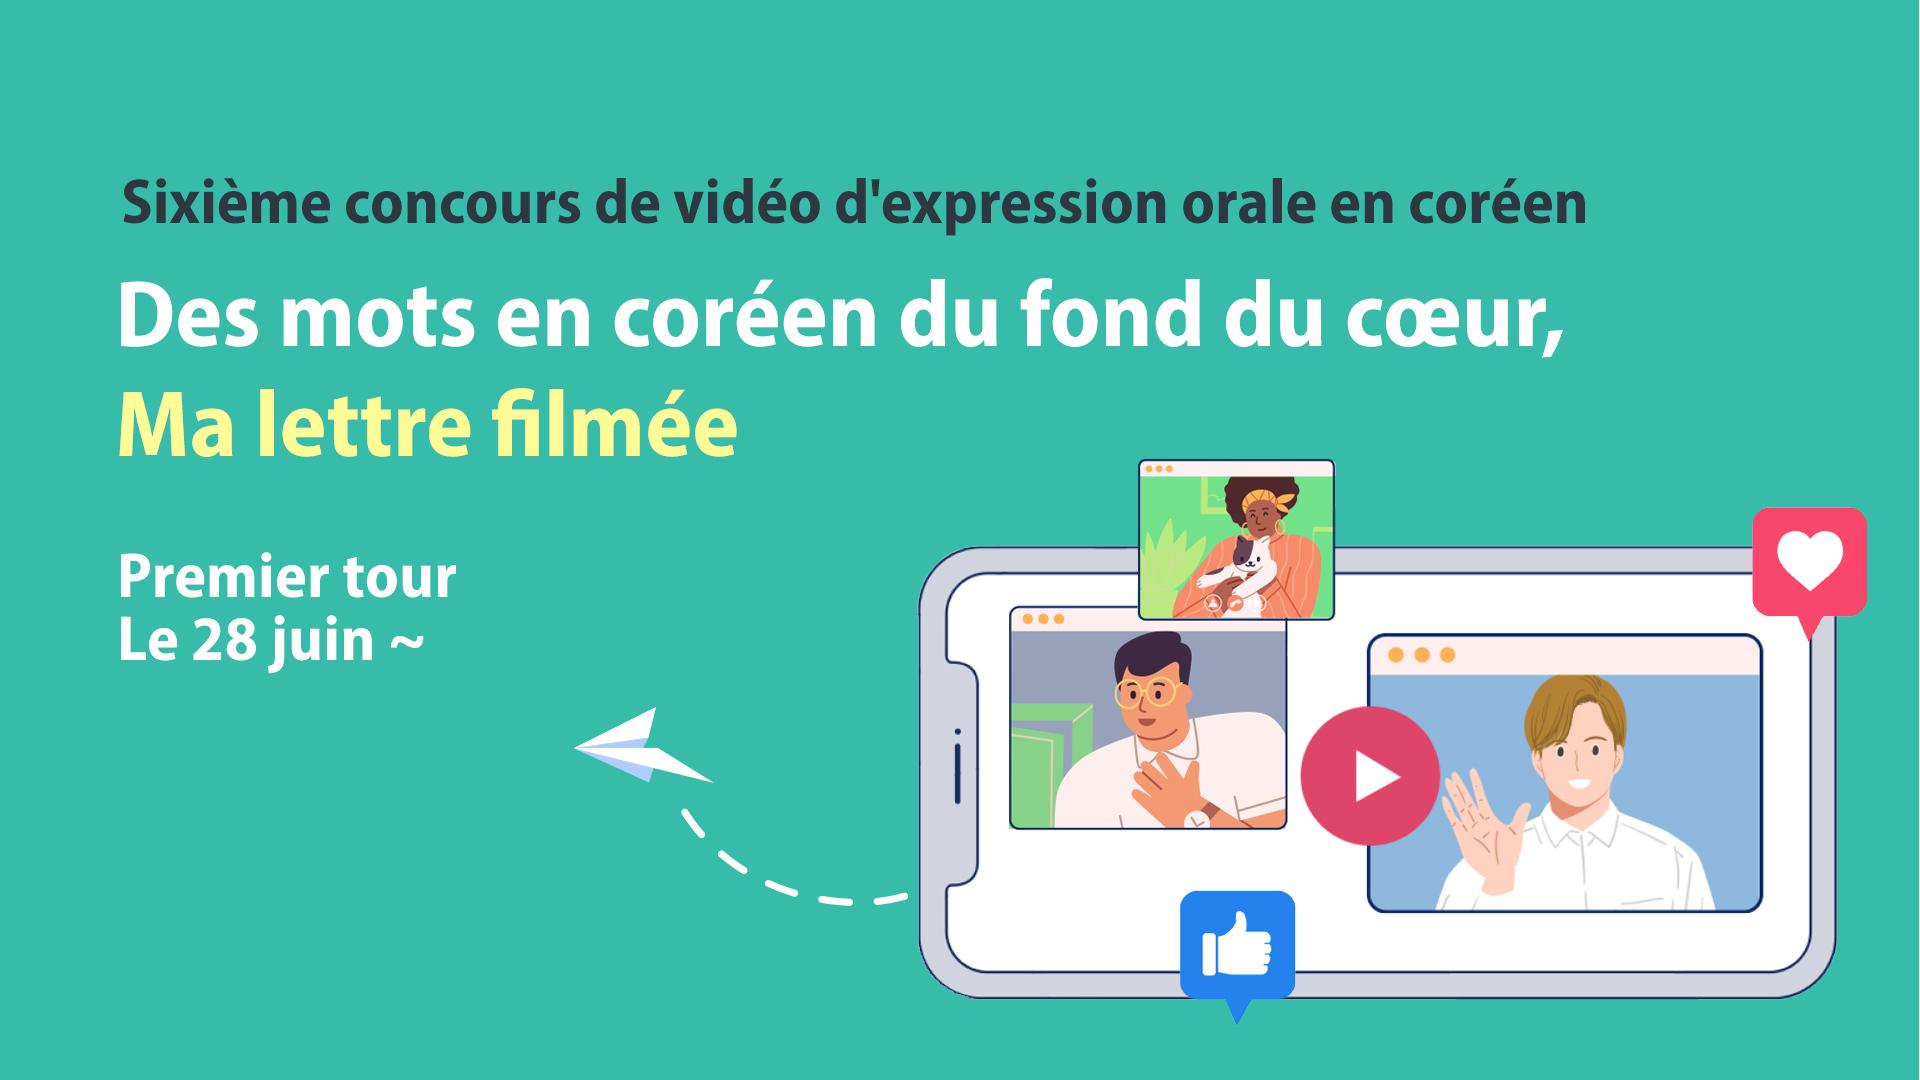 Sixième concours de vidéo d'expression orale en coréen